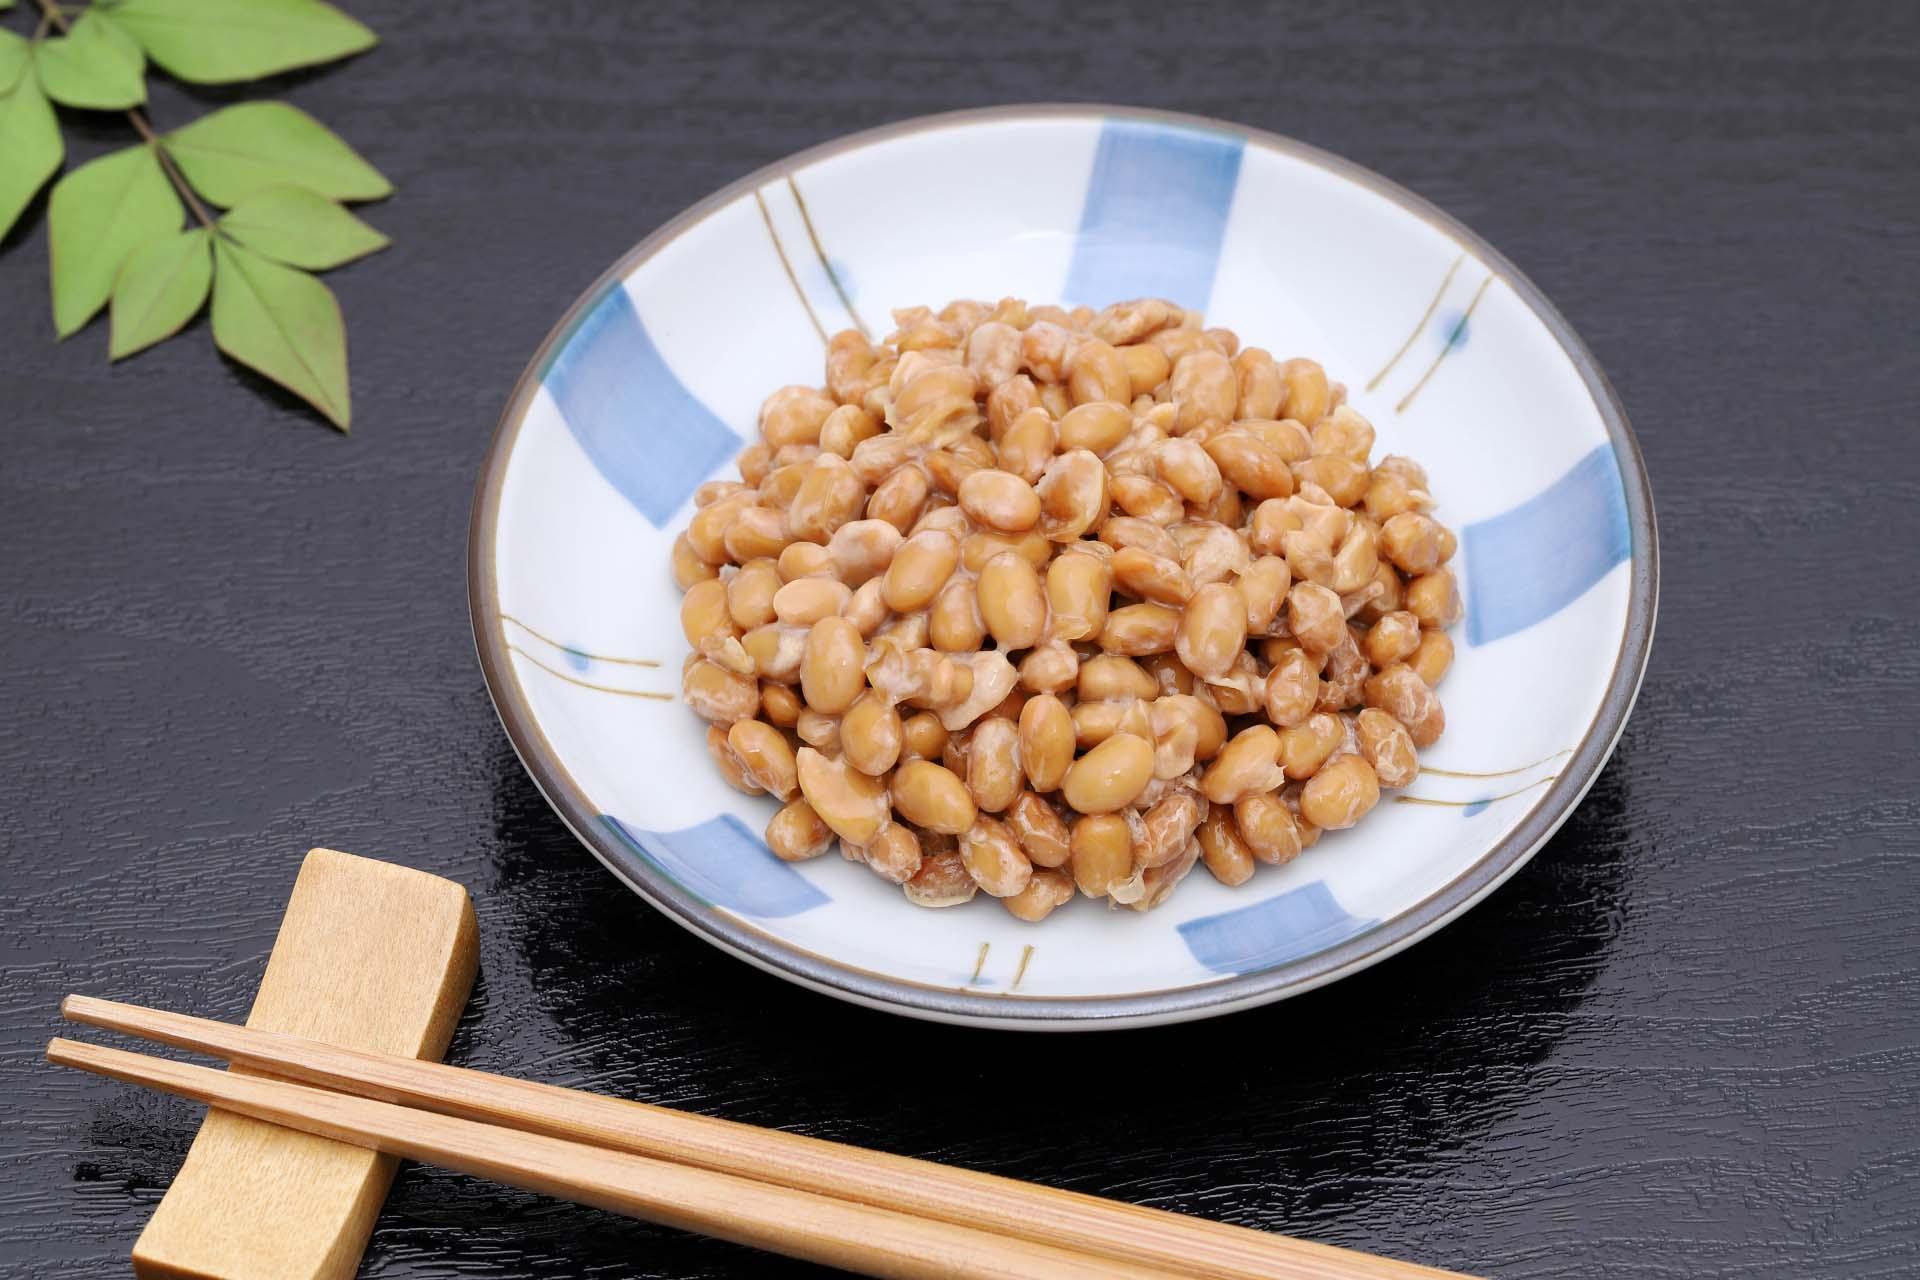 日本で古くから愛される、栄養たっぷりな納豆【写真:写真AC】